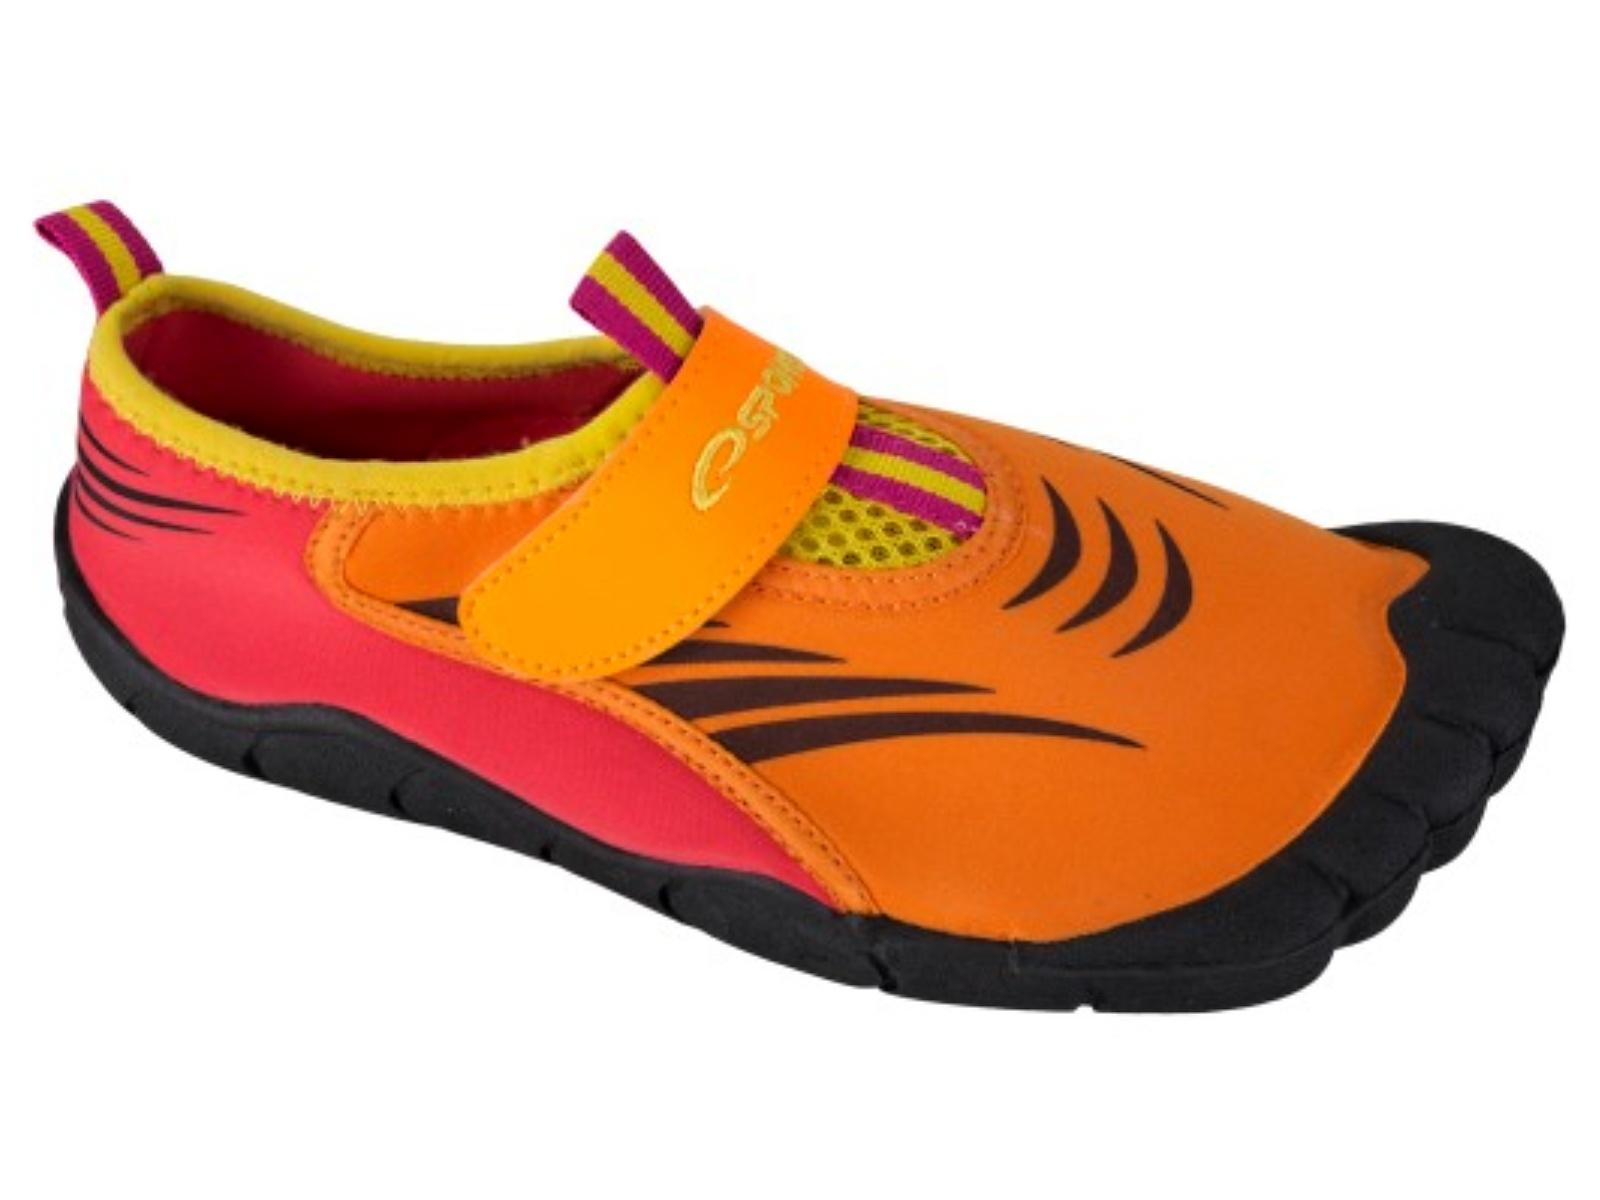 Boty do vody SPOKEY Seafoot dámské - vel. 36